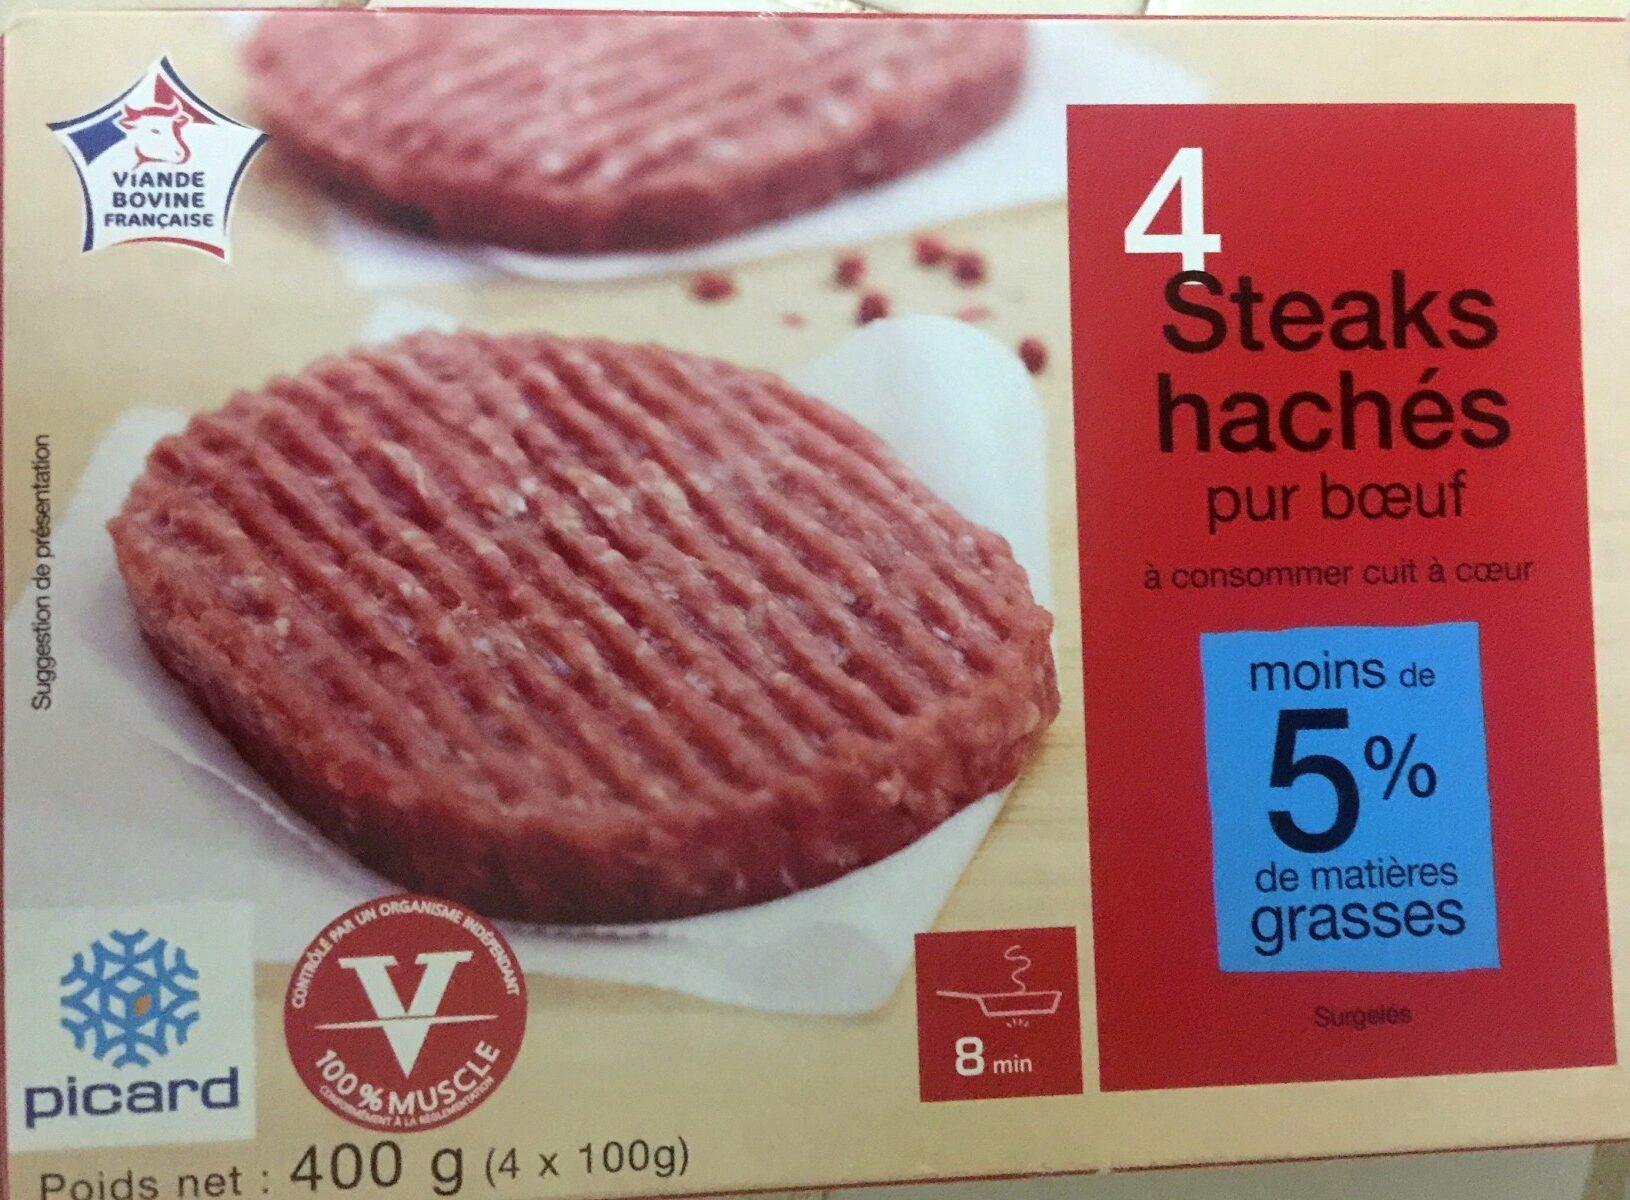 4 steaks hachés - Produit - fr